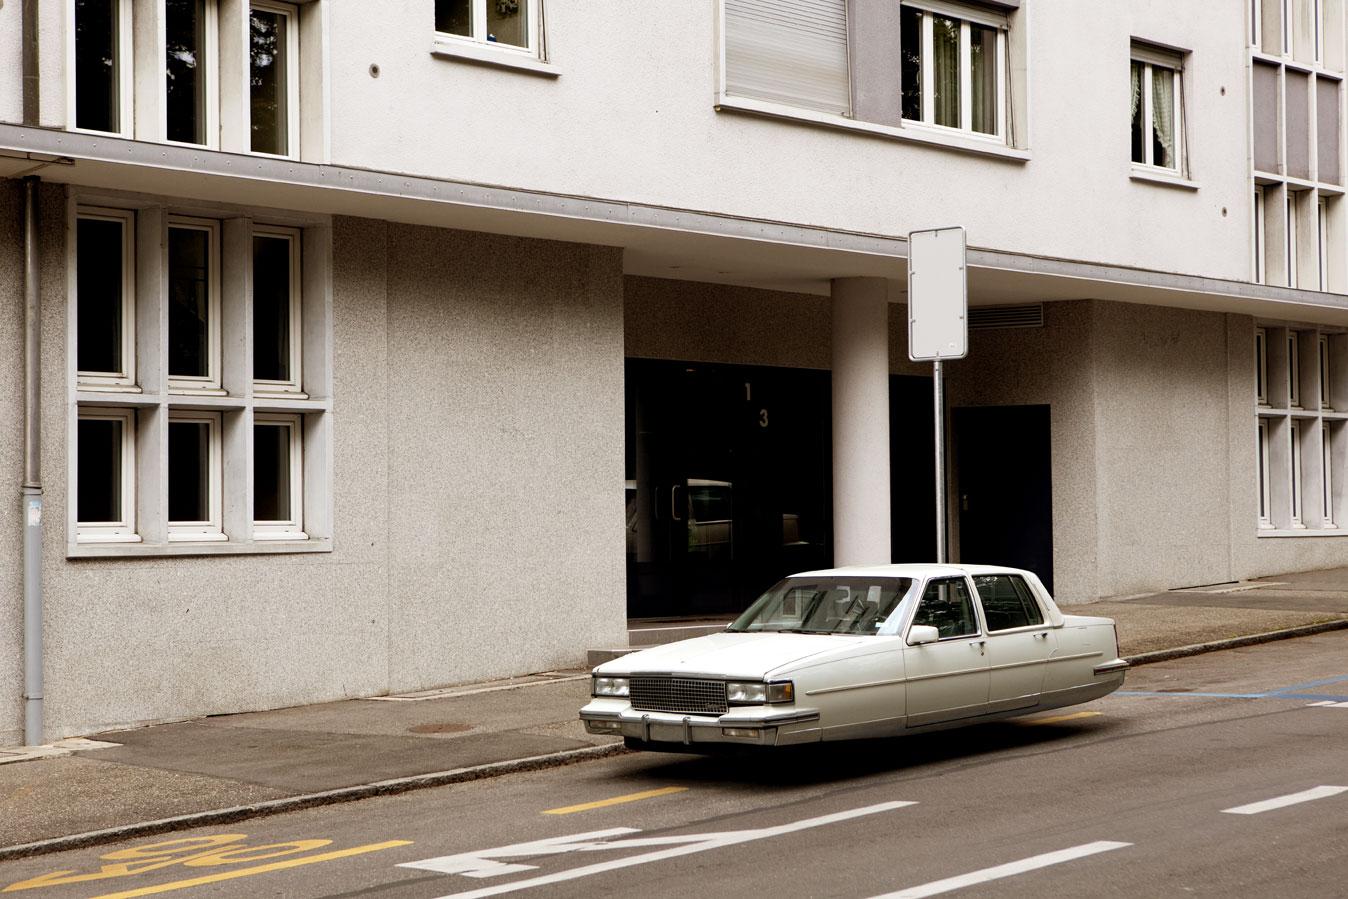 O clássico Cadillac DeVille também ganhou sua versão sem rodas (Foto: Divulgação /Renaud Marion)